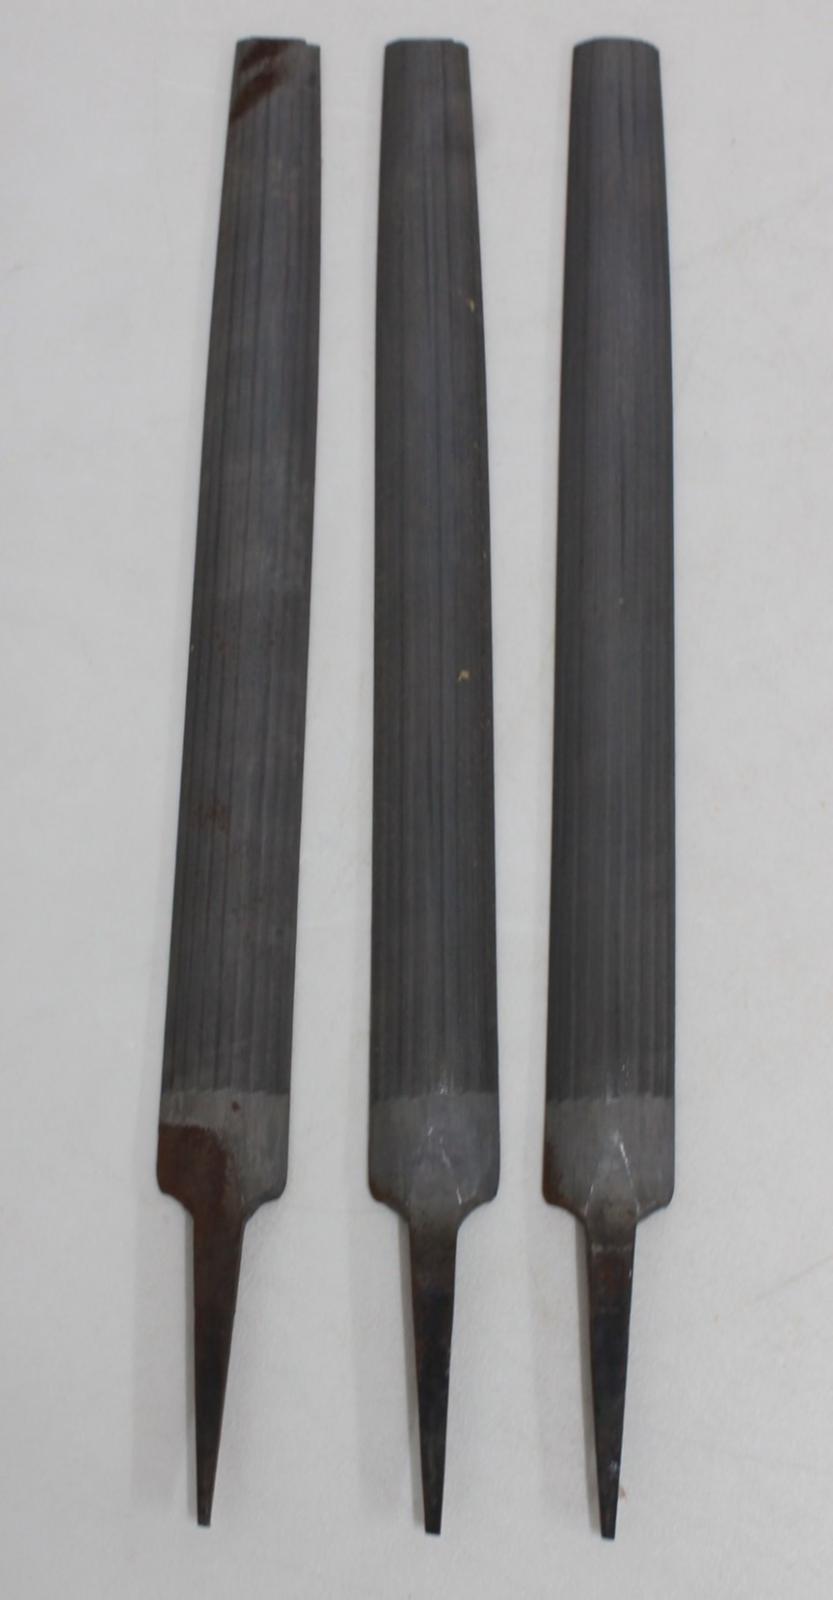 3-X-trabajo-de-madera-y-metal-Nicholson-Medio-Redondo-14-034-archivos-de-mano-corte-suave-30mm miniatura 3